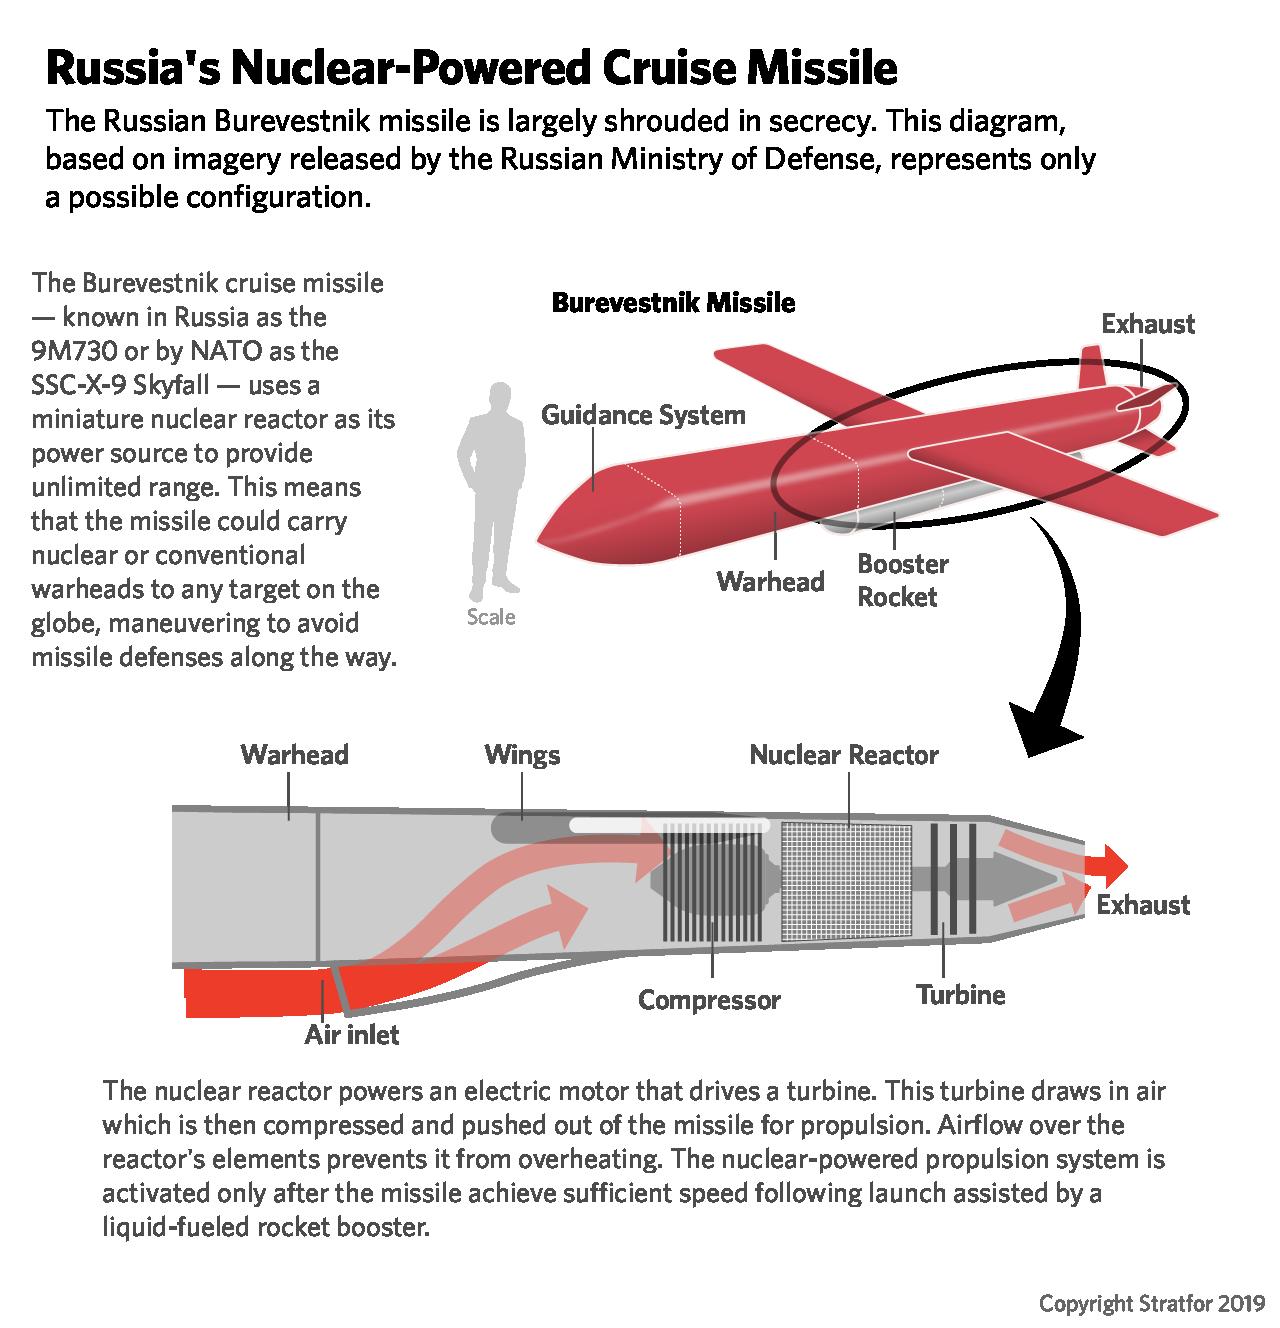 موشک جدید روسیه با نام Skyfall یا 9M730 Burevestnik می تواند سال ها دور زمین چرخیده و در هر لحظه که روس ها بخواهند یک حمله هسته ای را انجام دهد.